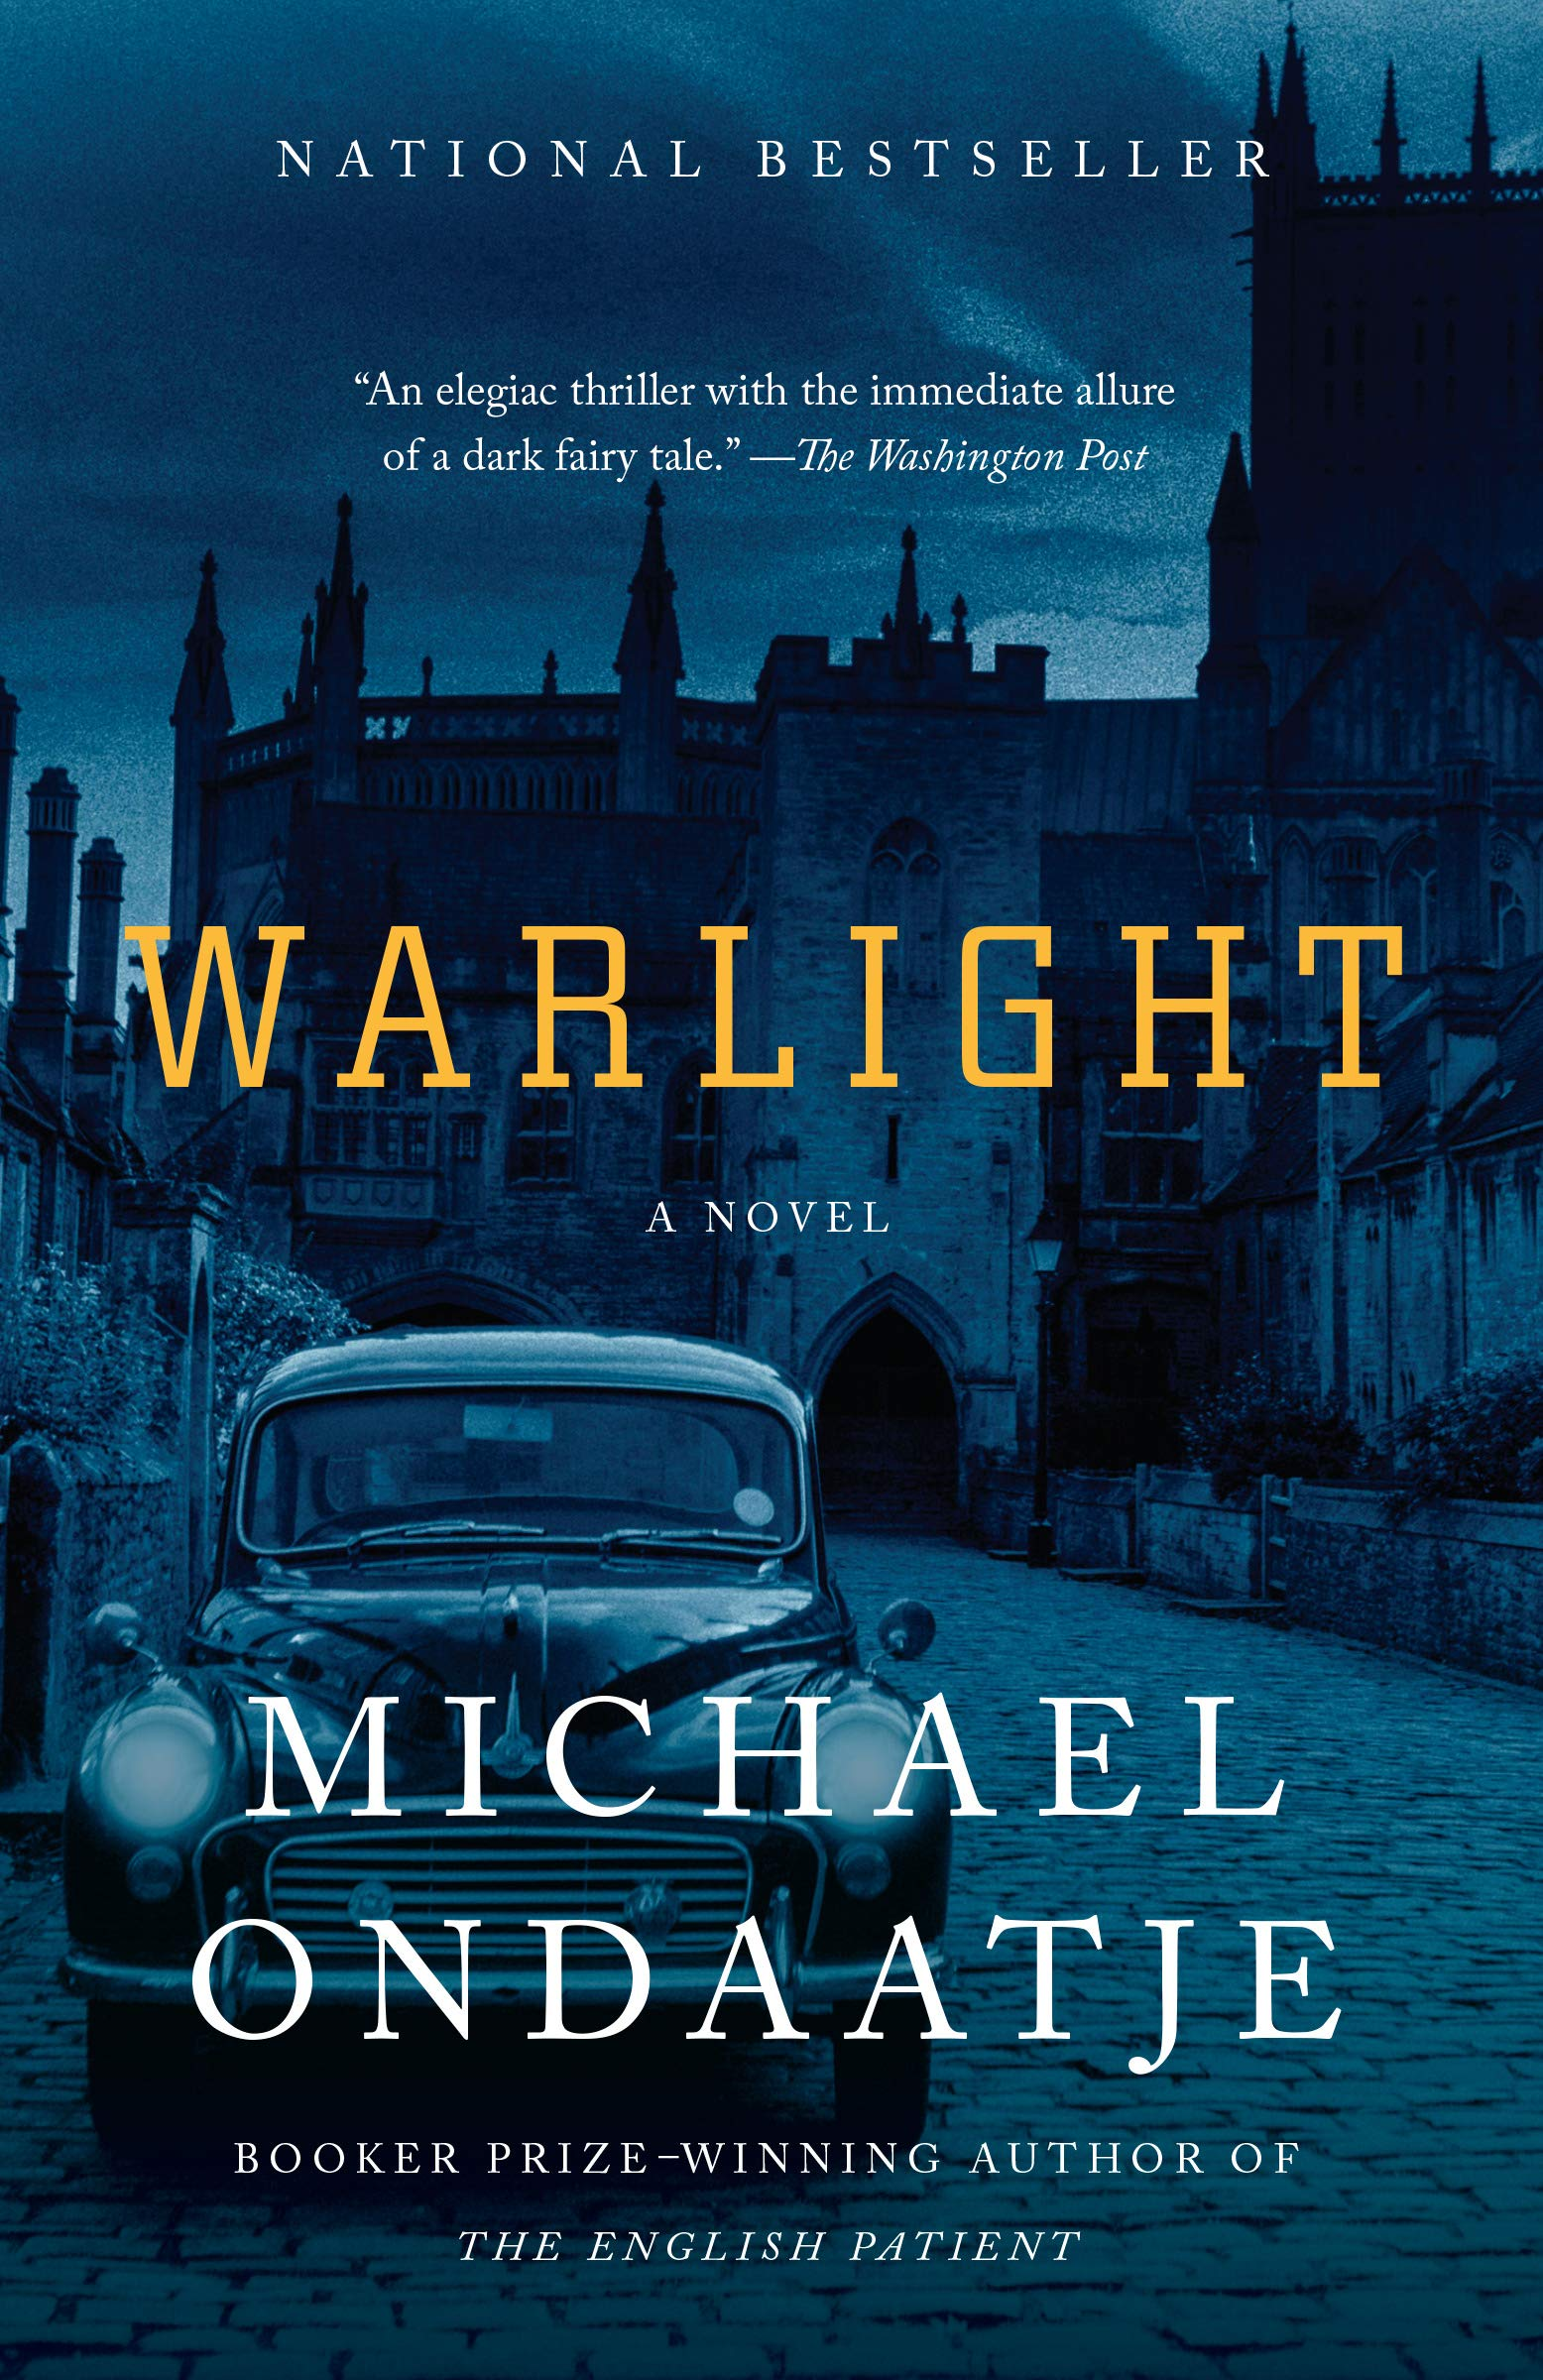 Warlight: A novel